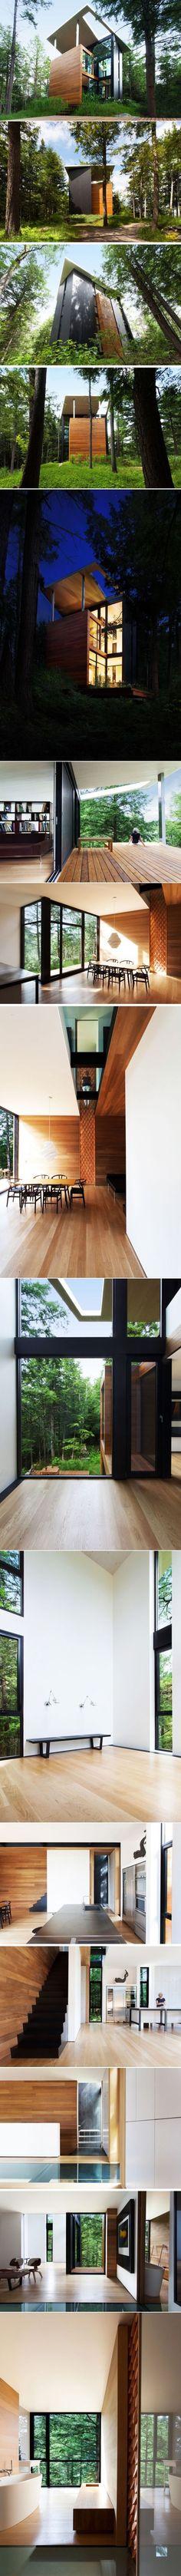 A House Designed For A Sculptor | CONTEMPORIST